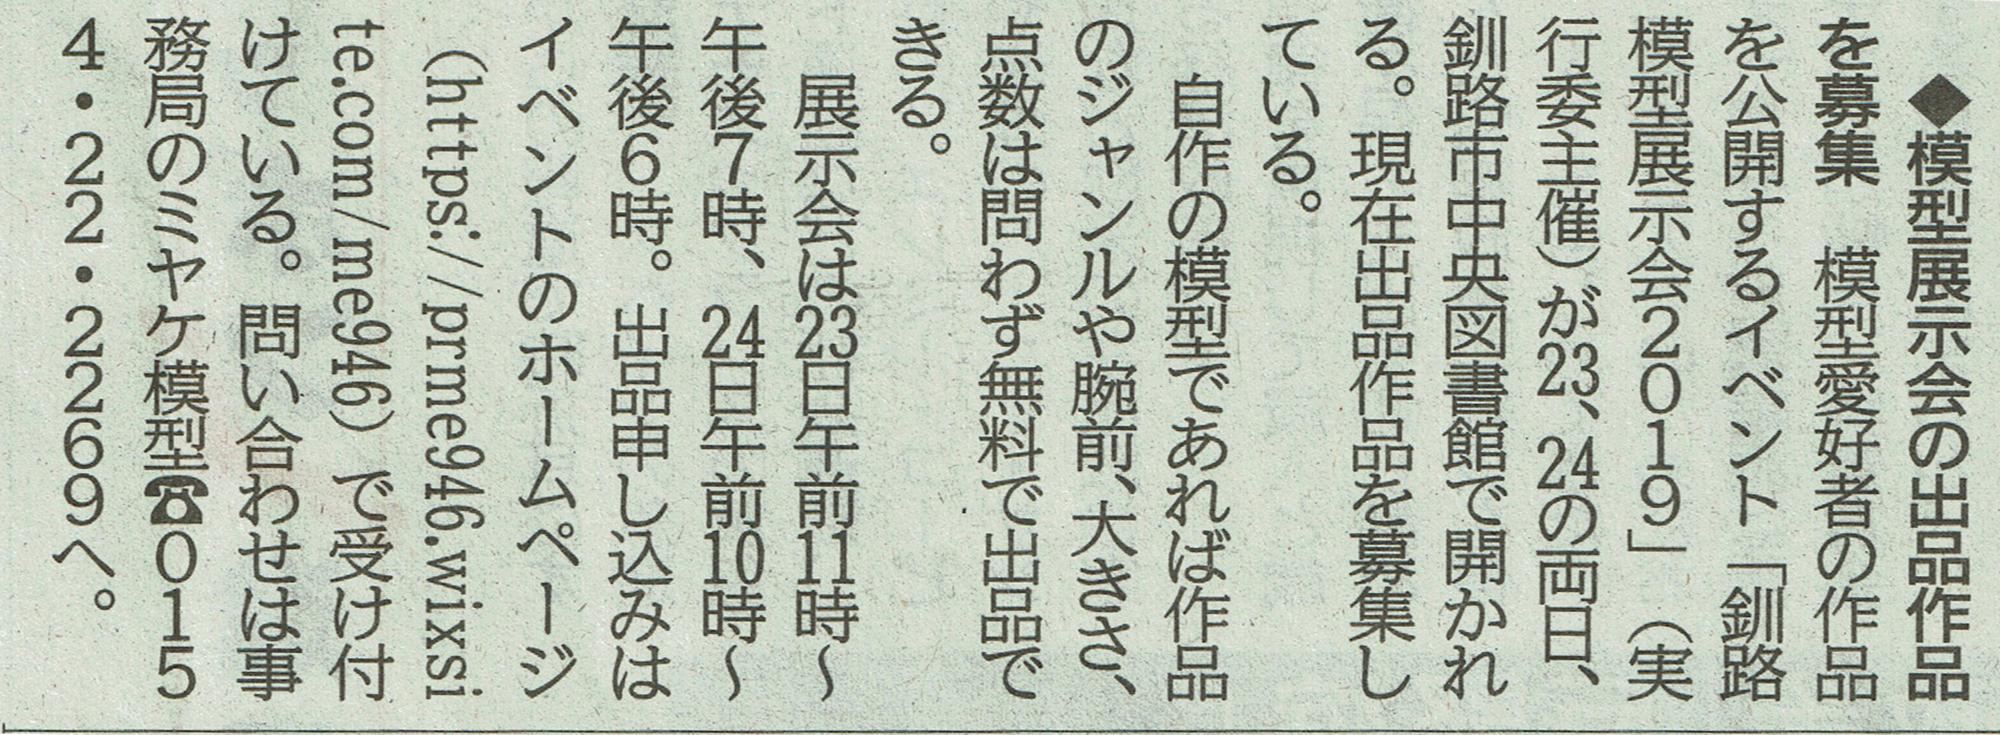 2019-11-12北海道新聞夕刊